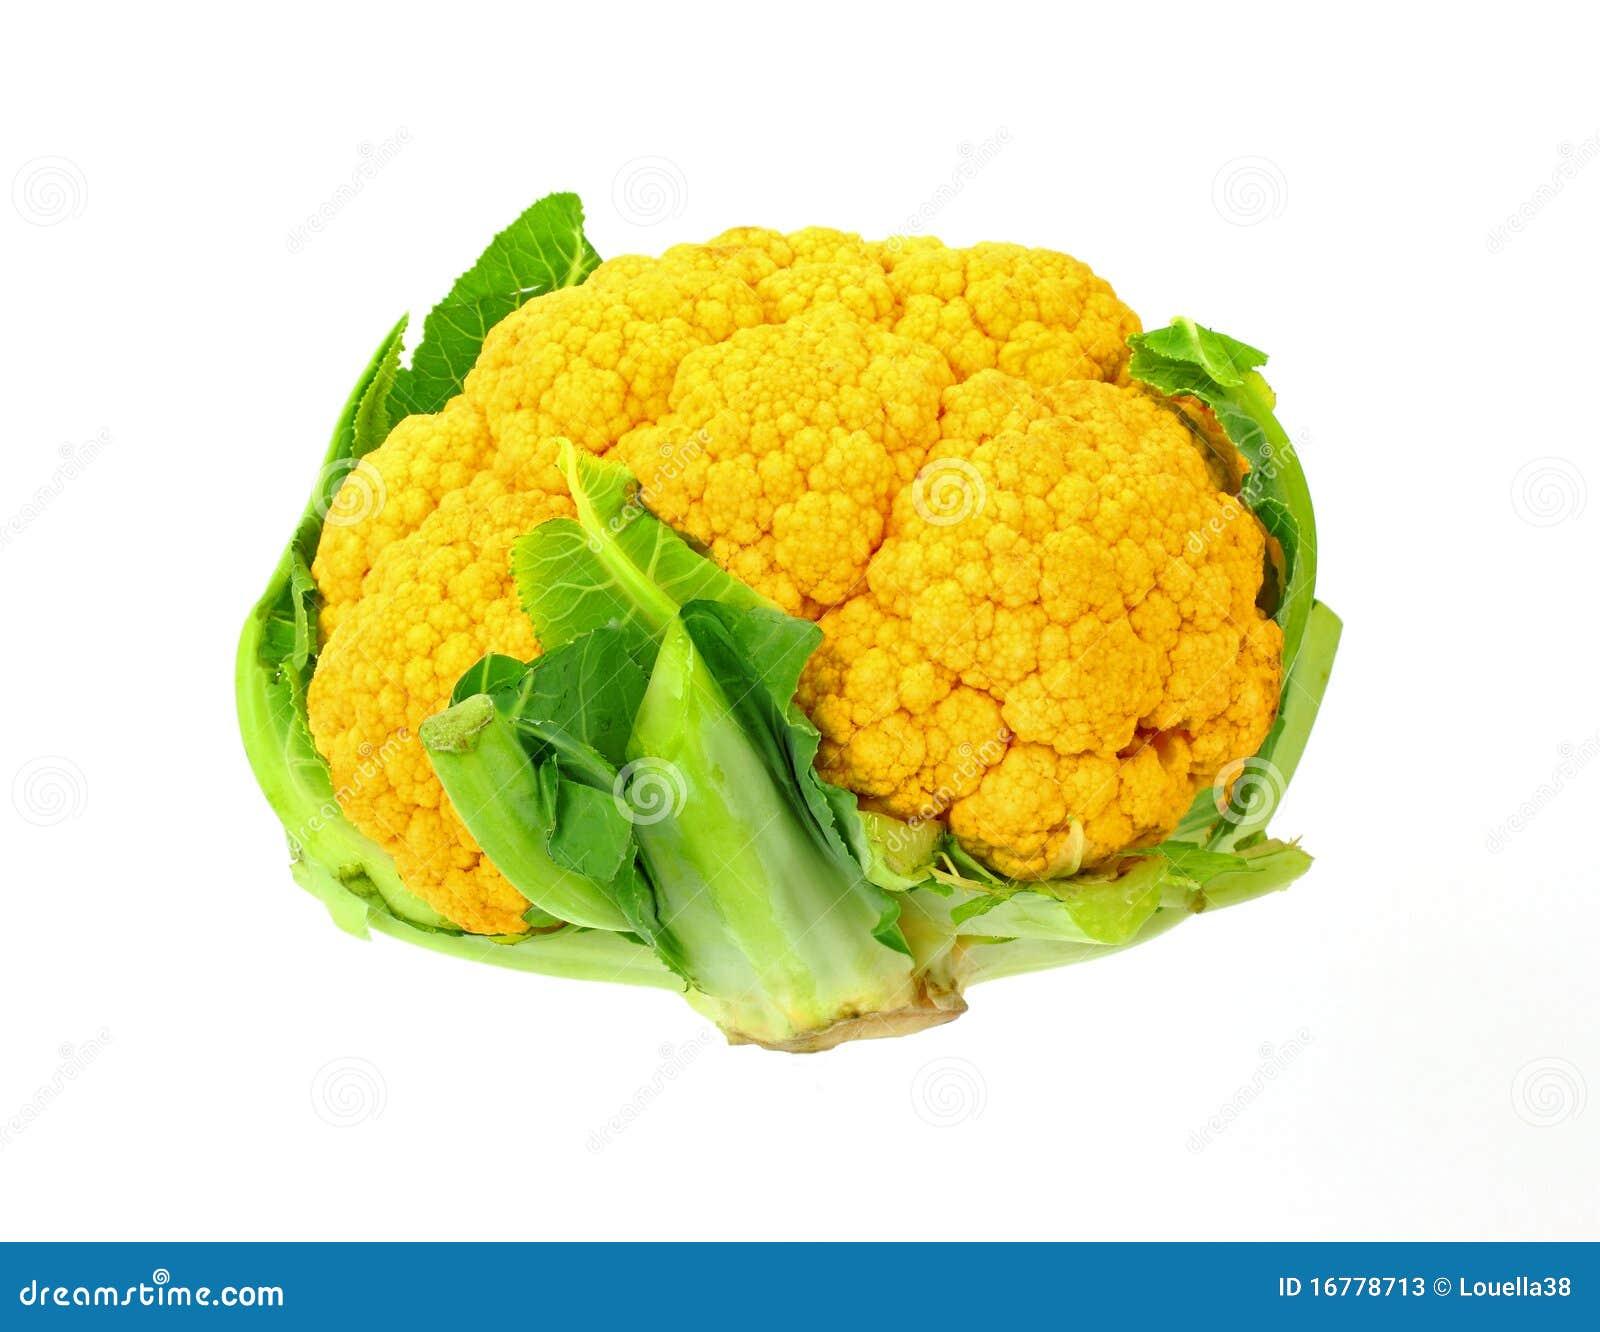 Regard Vers Le Bas Sur Le Chou Fleur Orange Image Stock Image Du